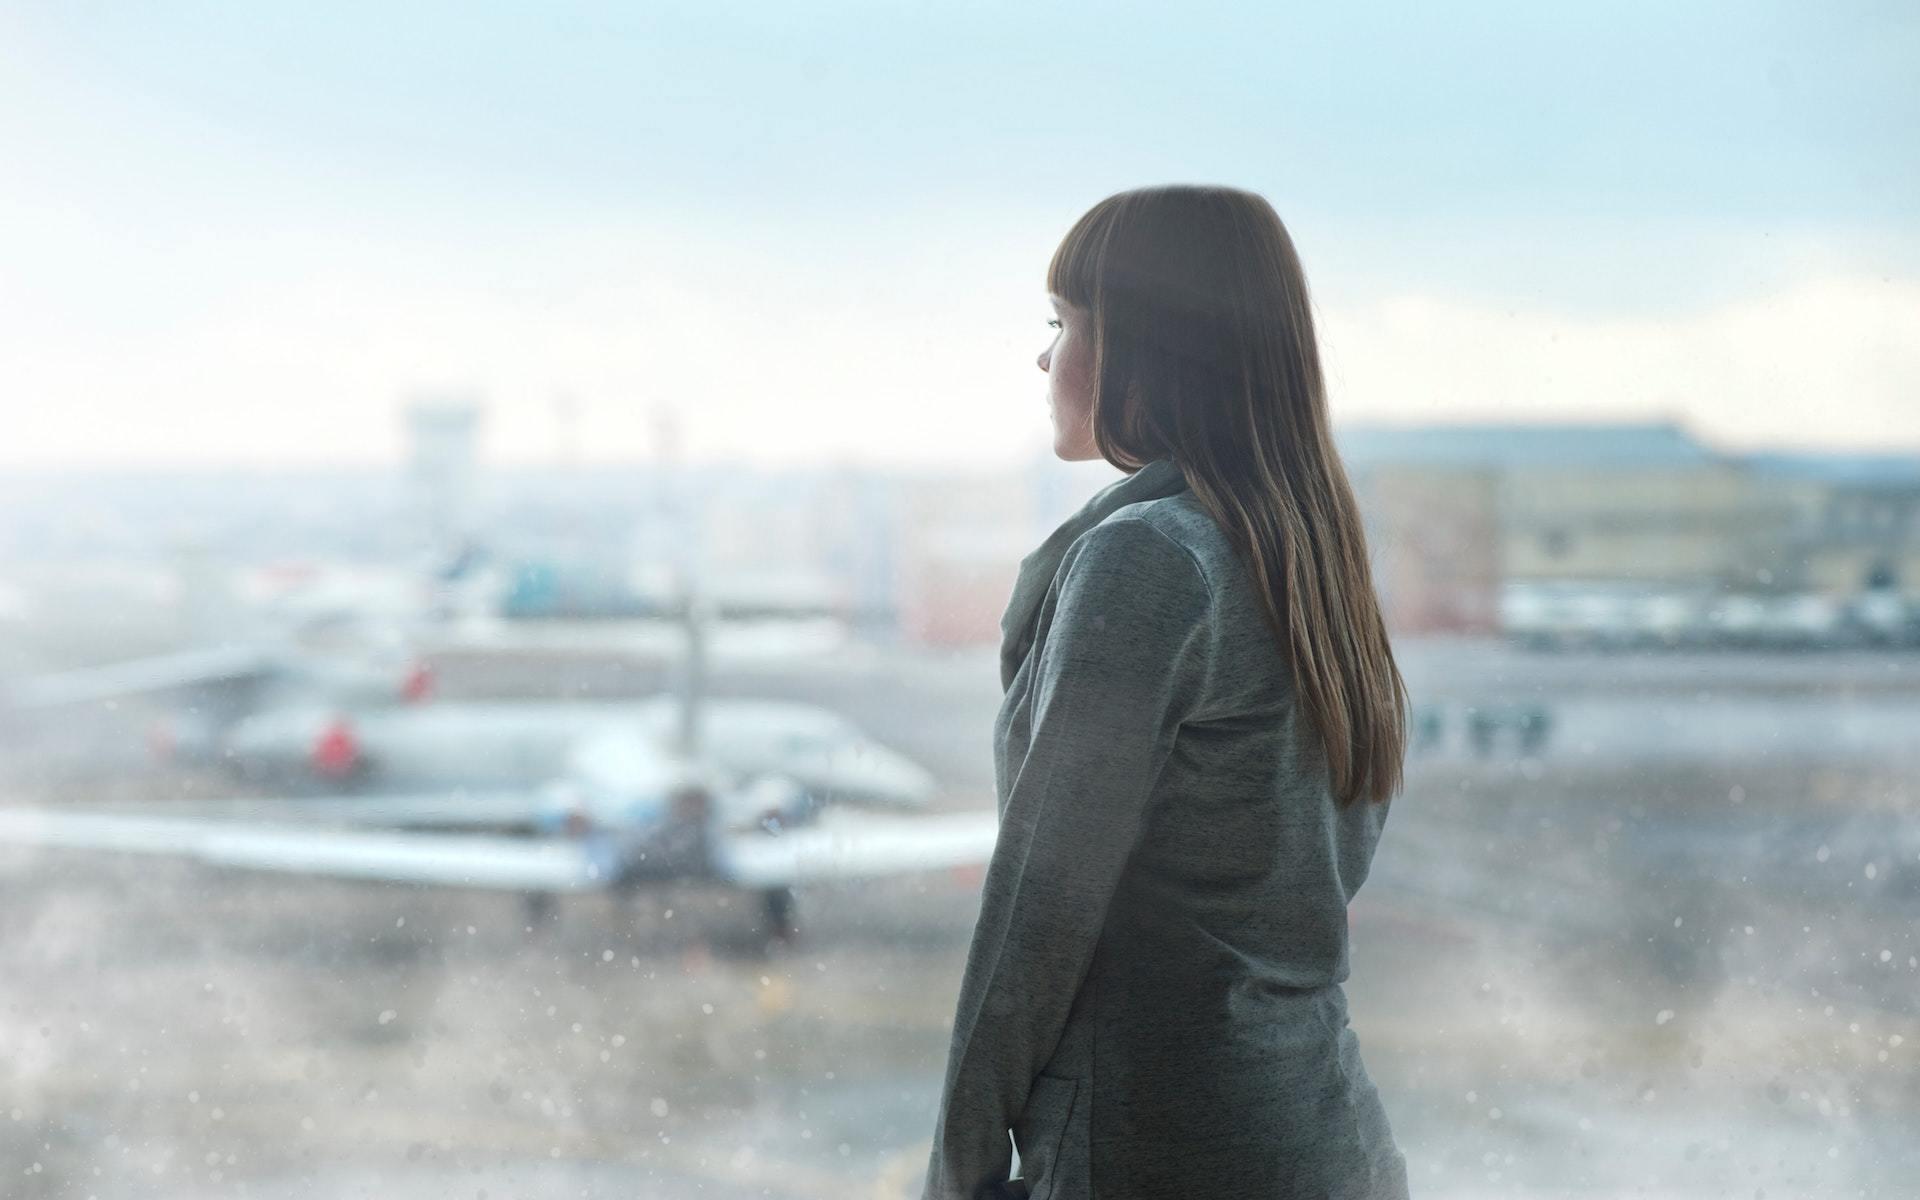 Frau schaut aus dem Fenster auf Boeing 737 max.